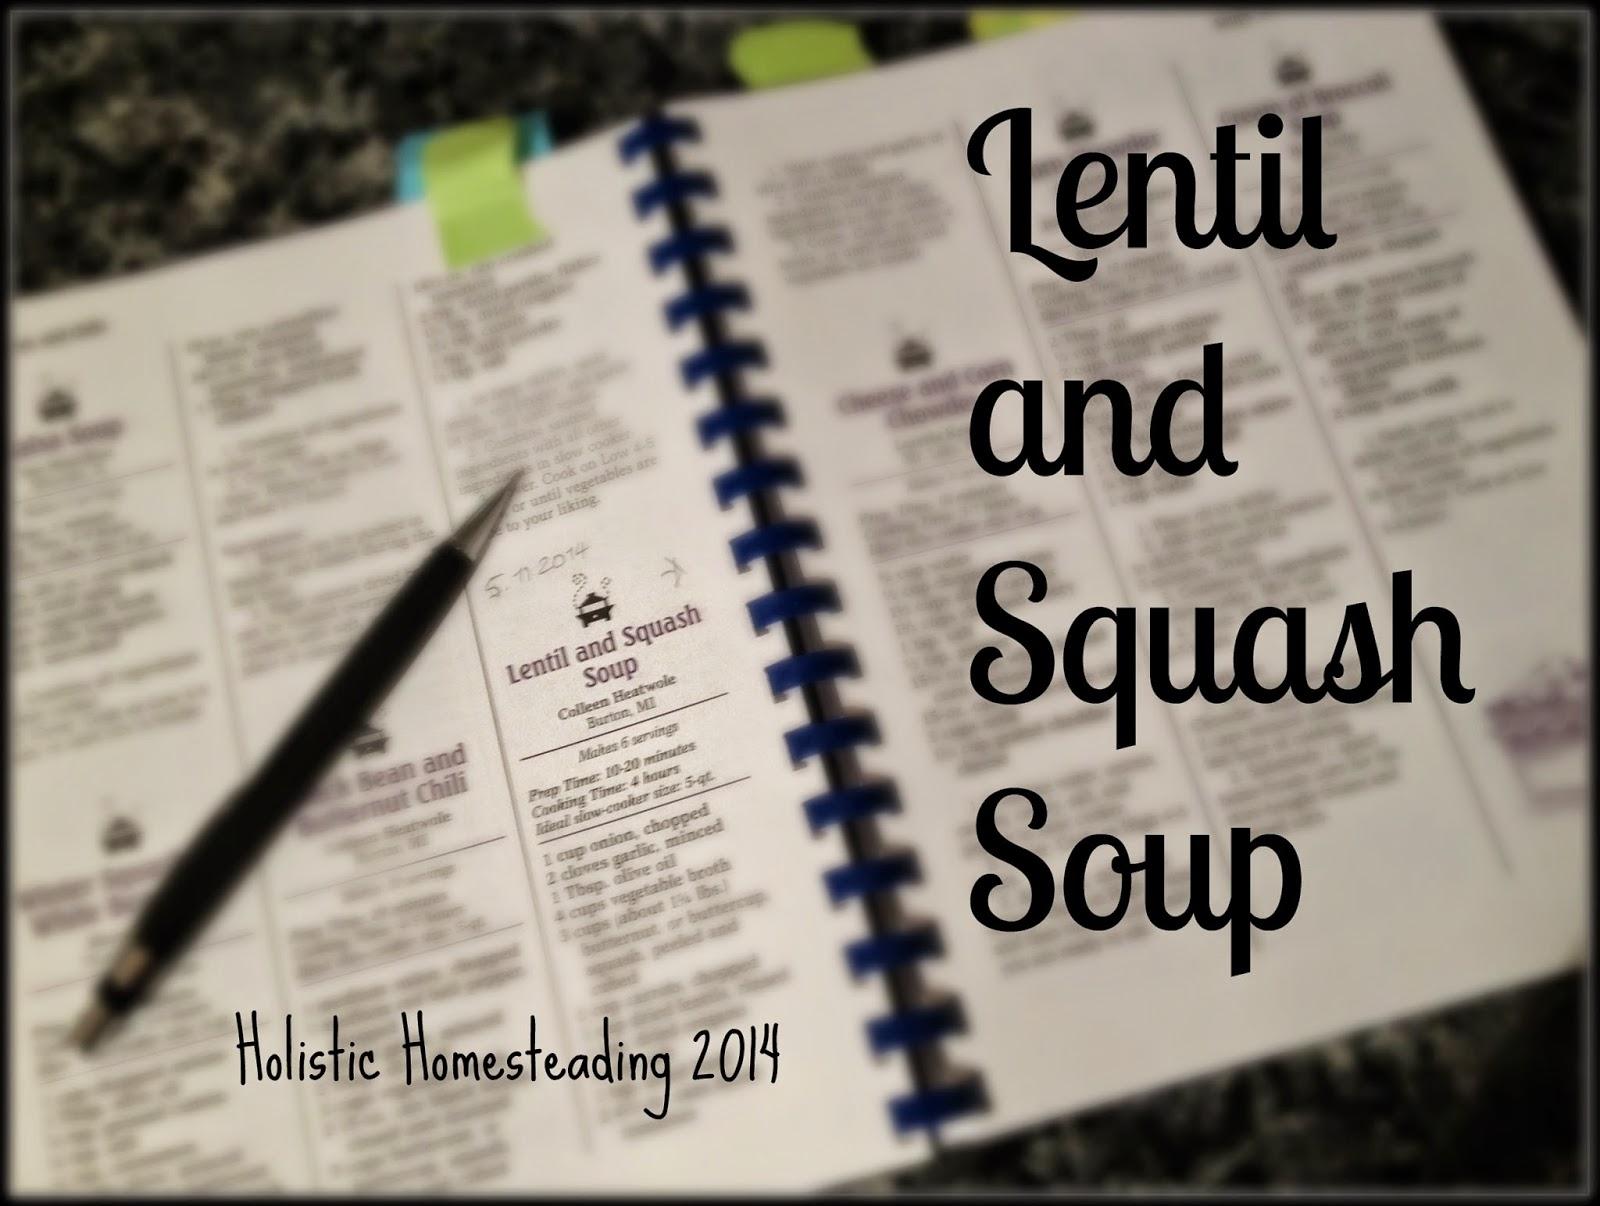 Lentil and Squash Soup